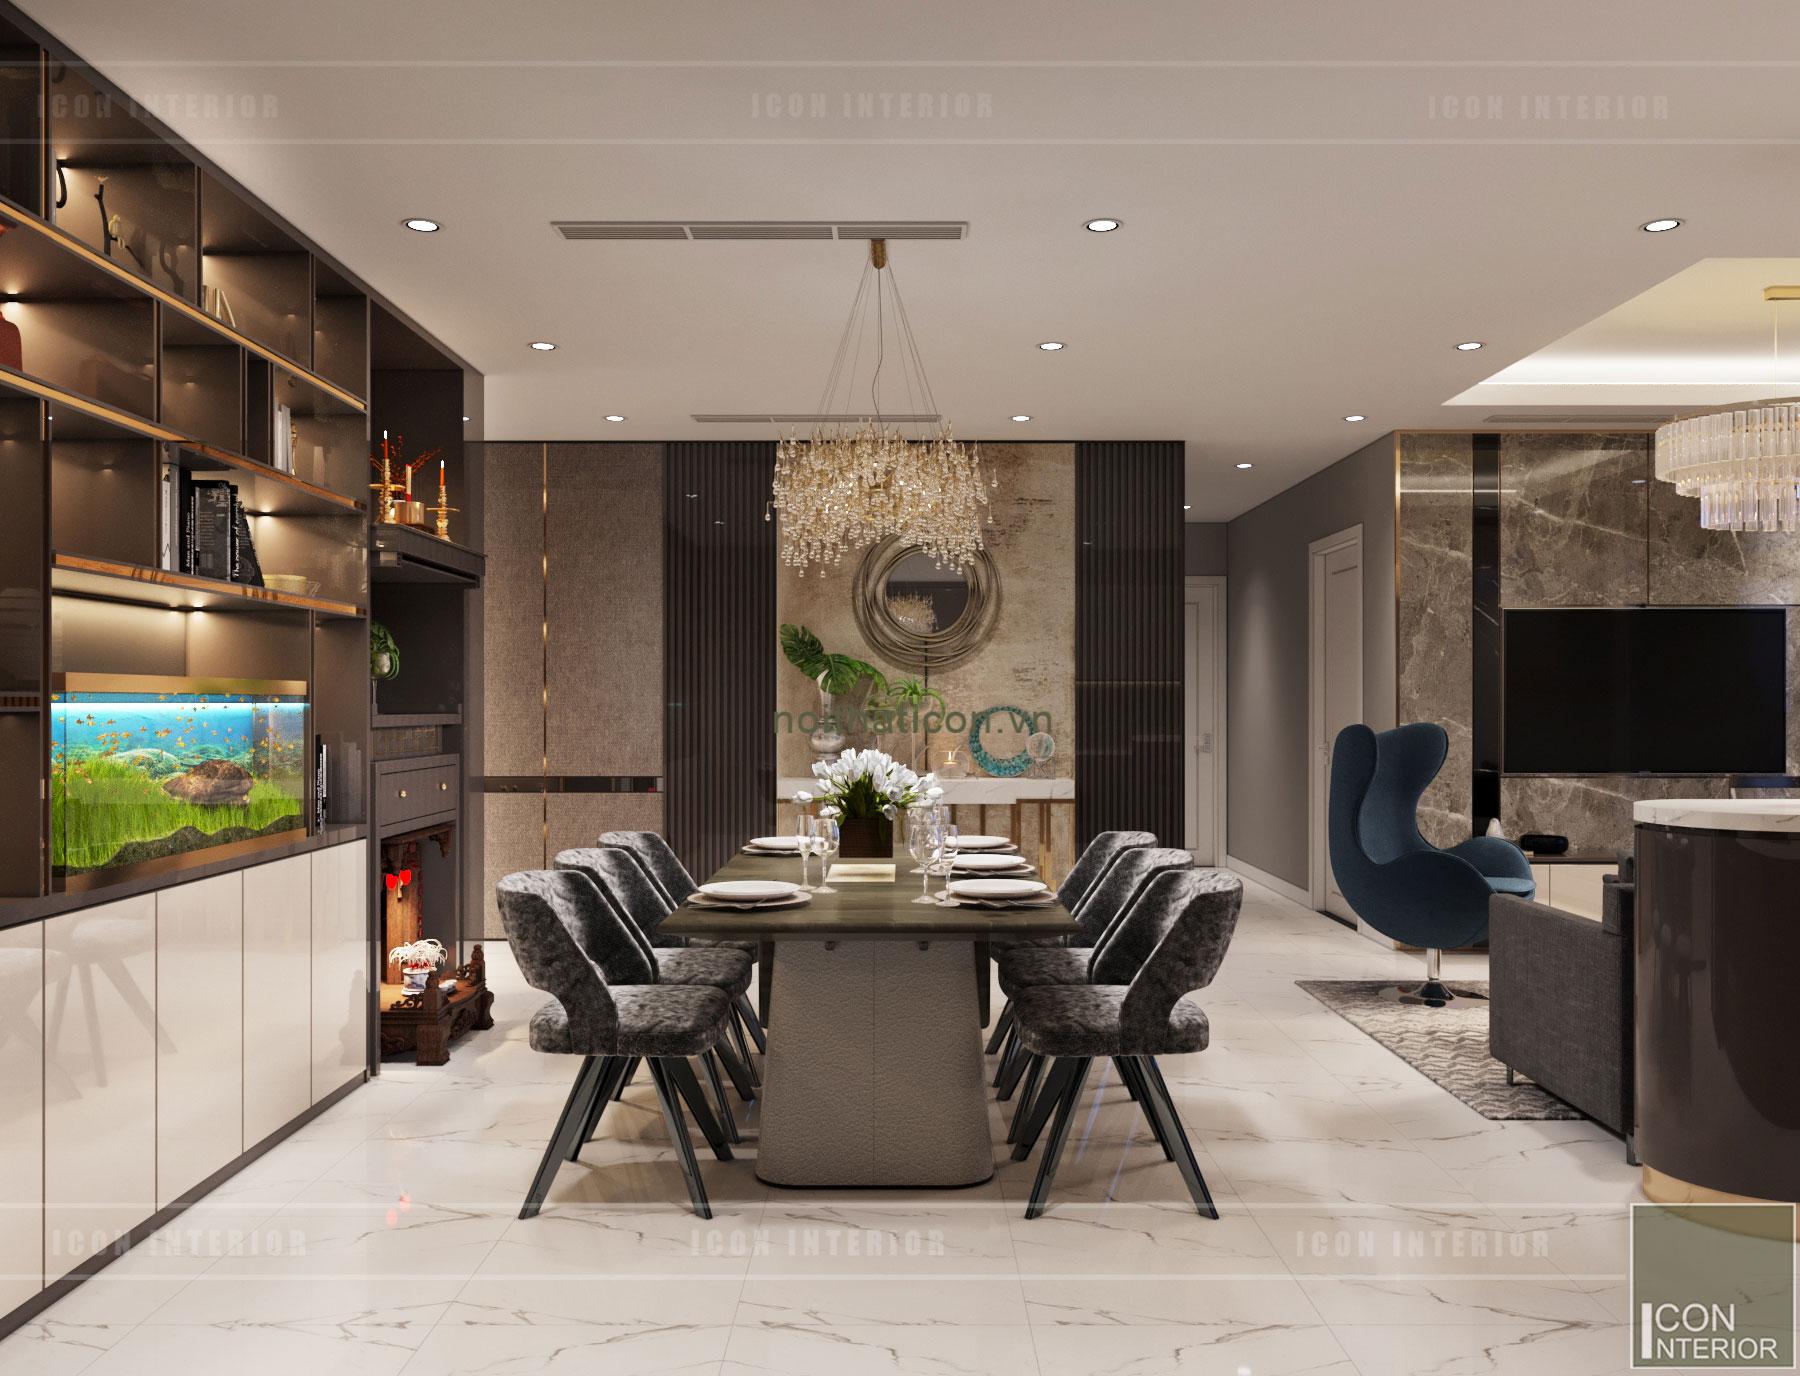 thiết kế căn hộ Landmark 6 Vinhomes Central Park